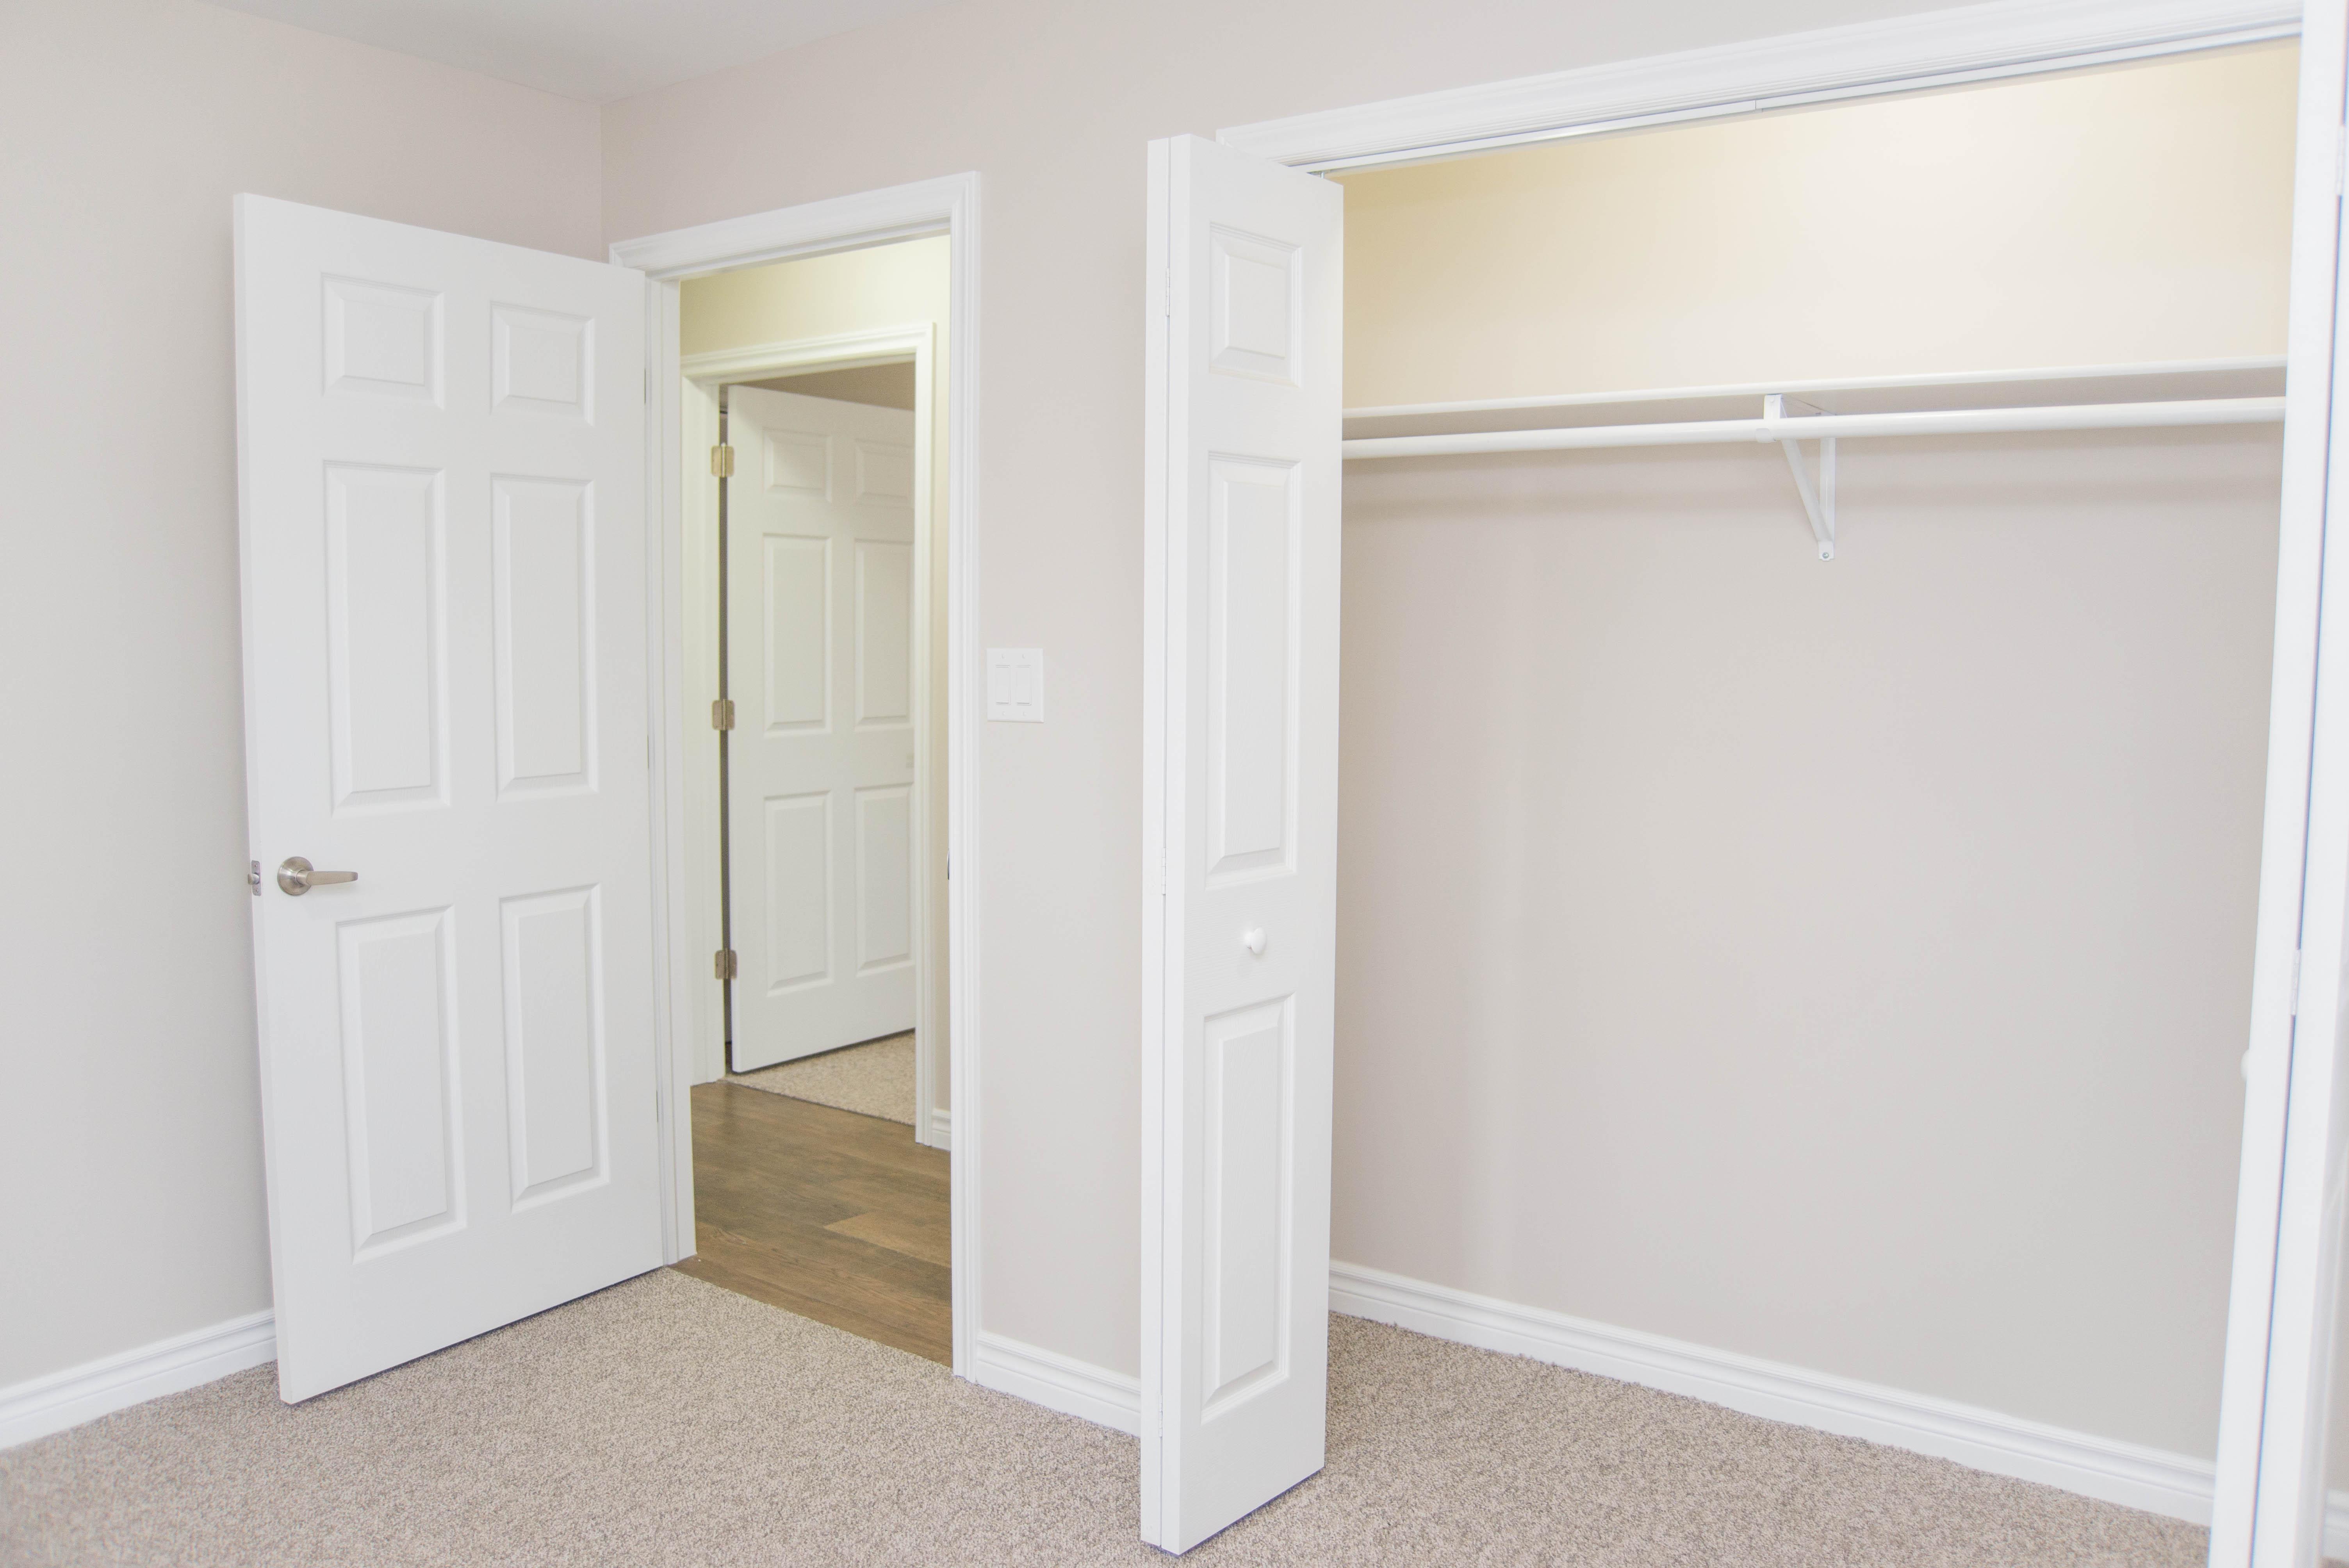 3 Bedroom - Bedroom #1